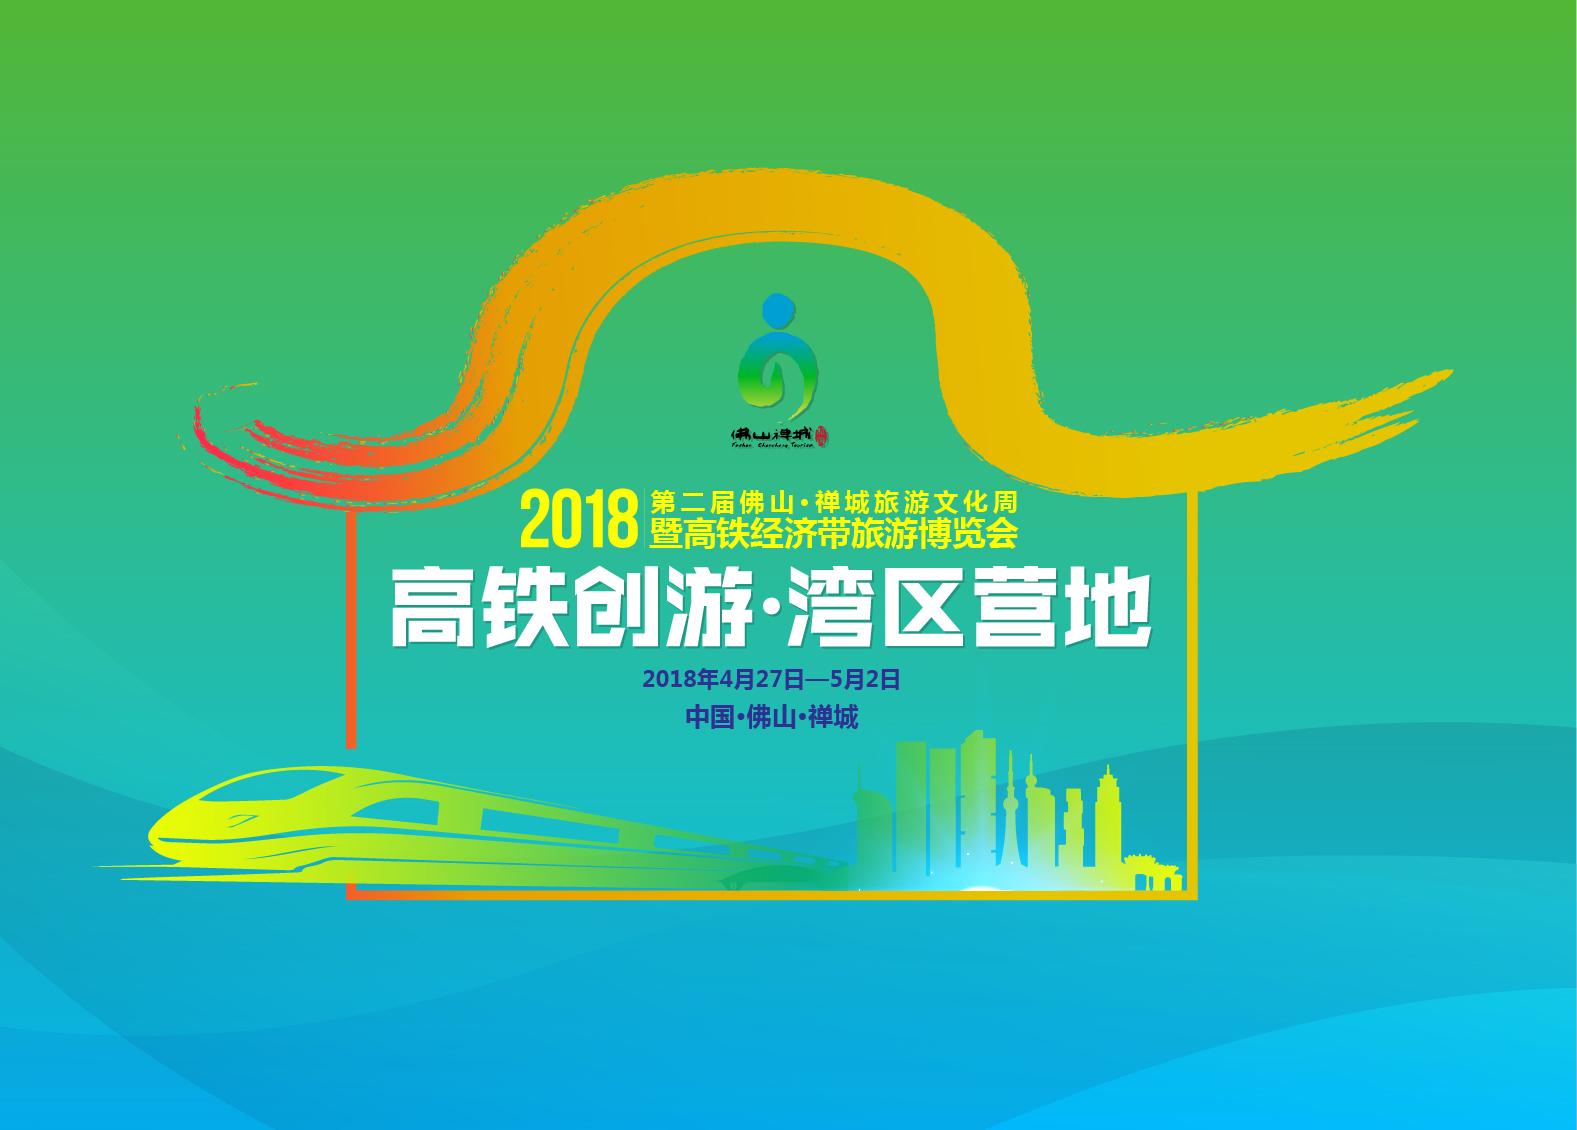 葡京国际娱乐网站文化周.jpg